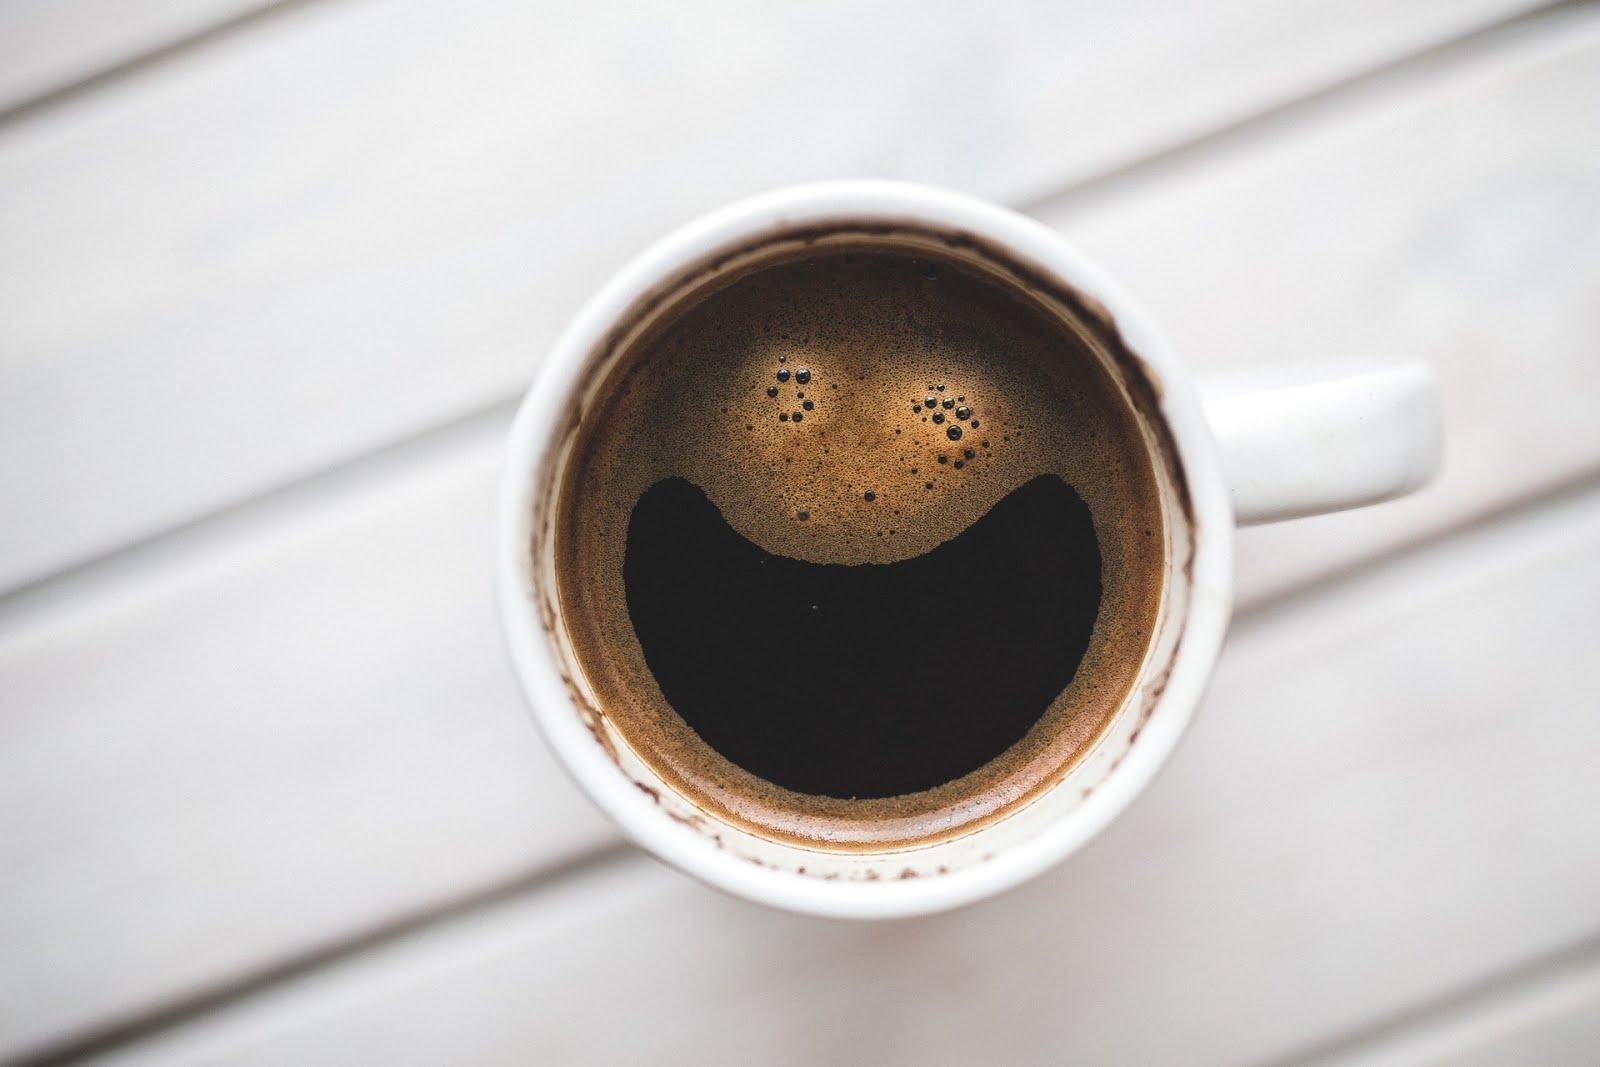 Kérsz egy jó kávét?